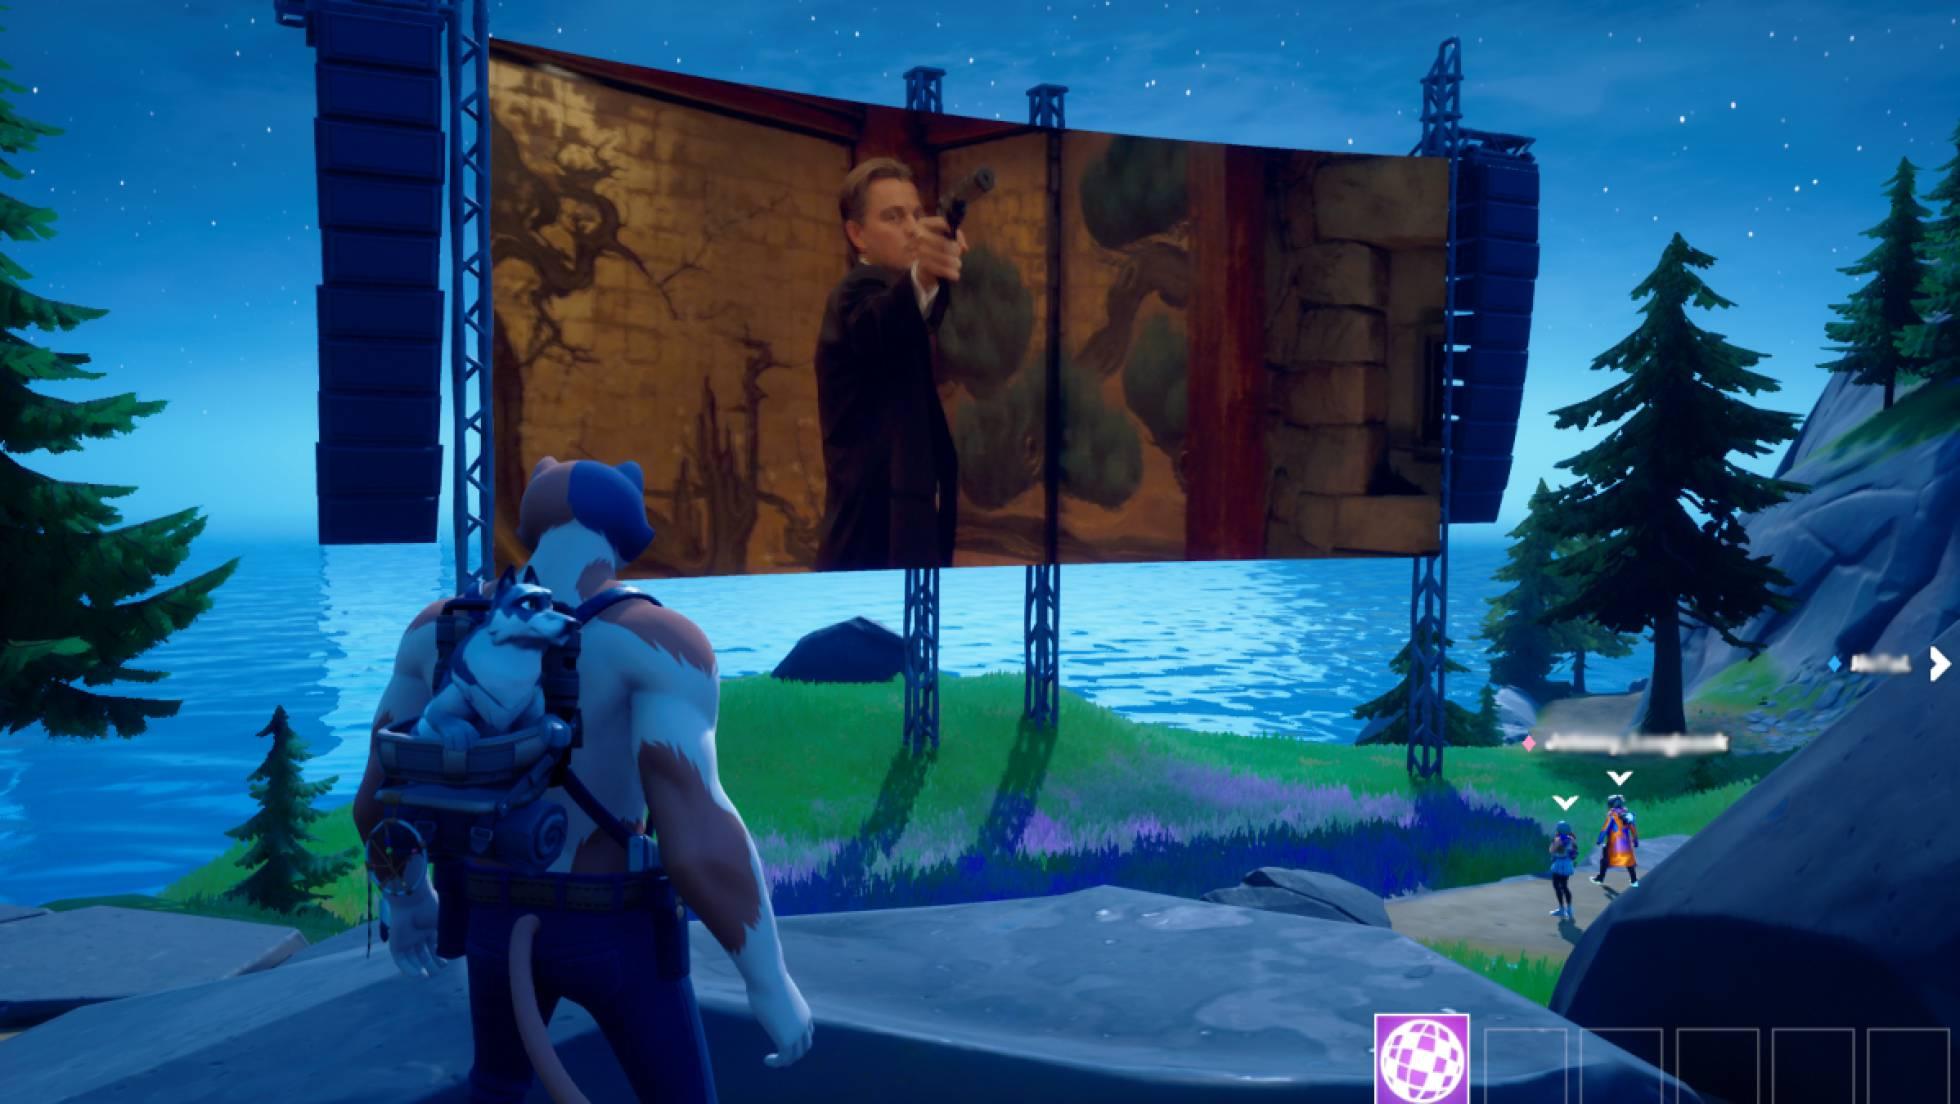 Una captura del videojuego 'Fortnite'.